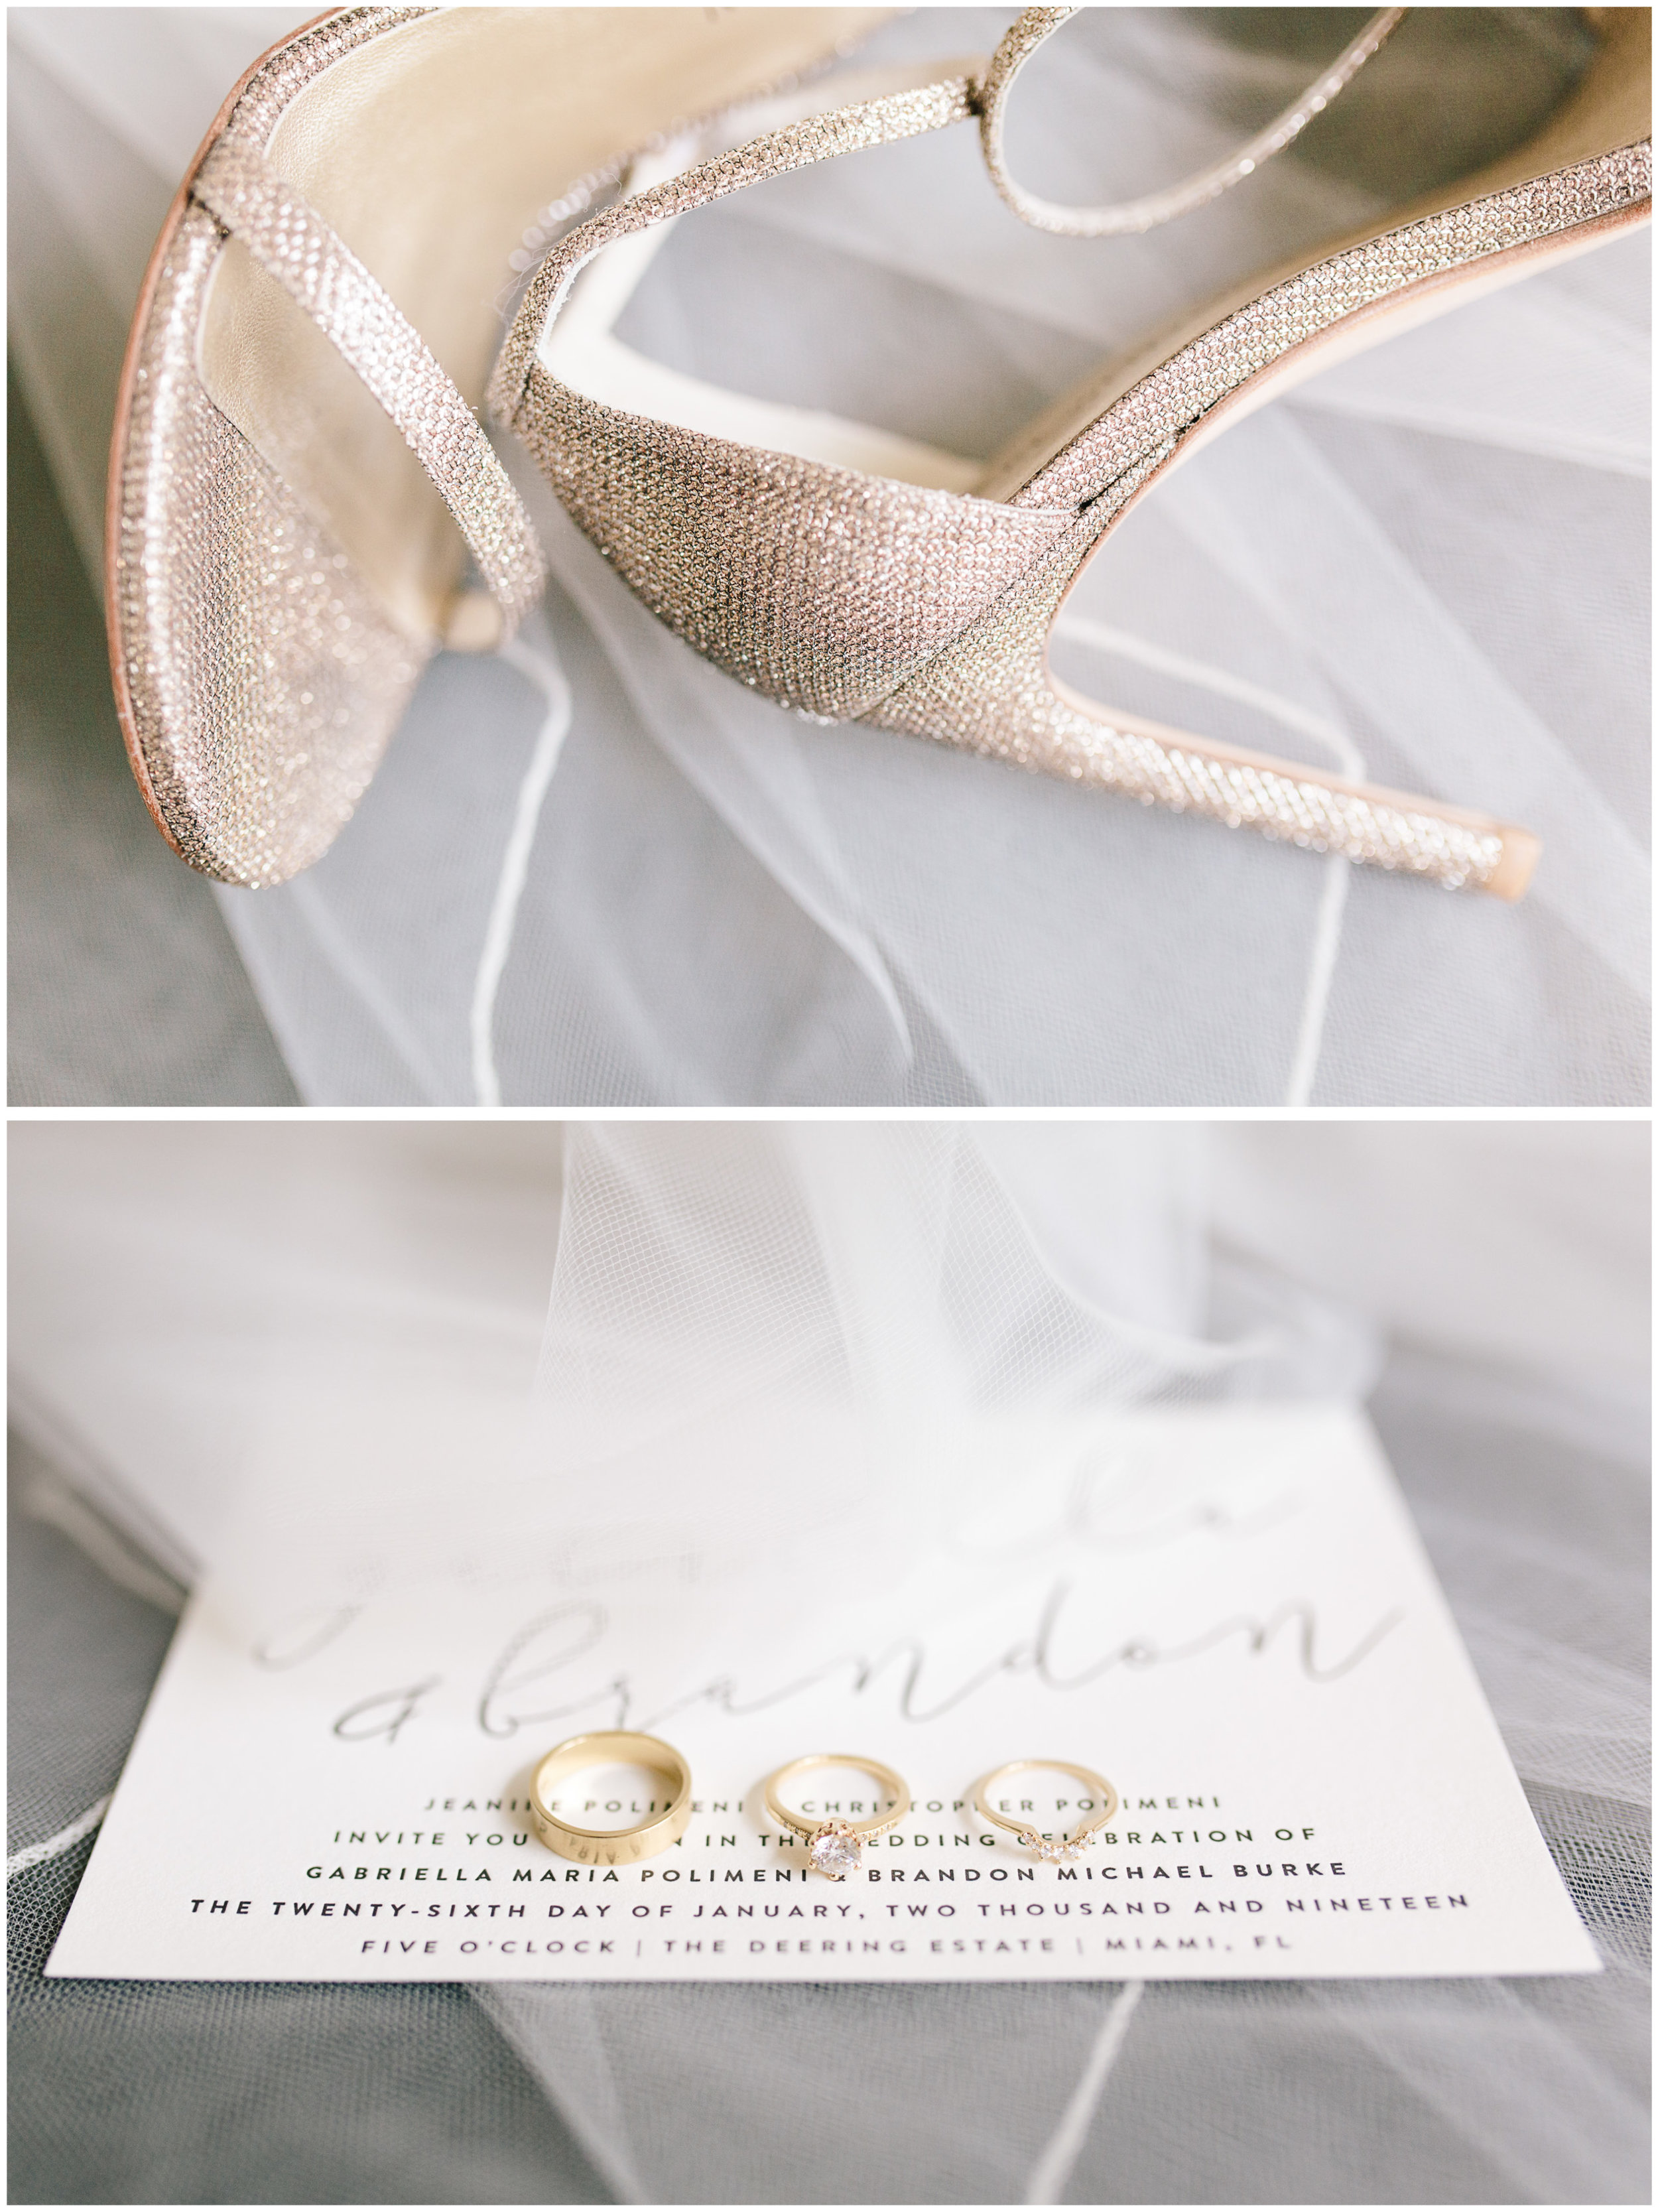 the_deering_estate_wedding_1.jpg